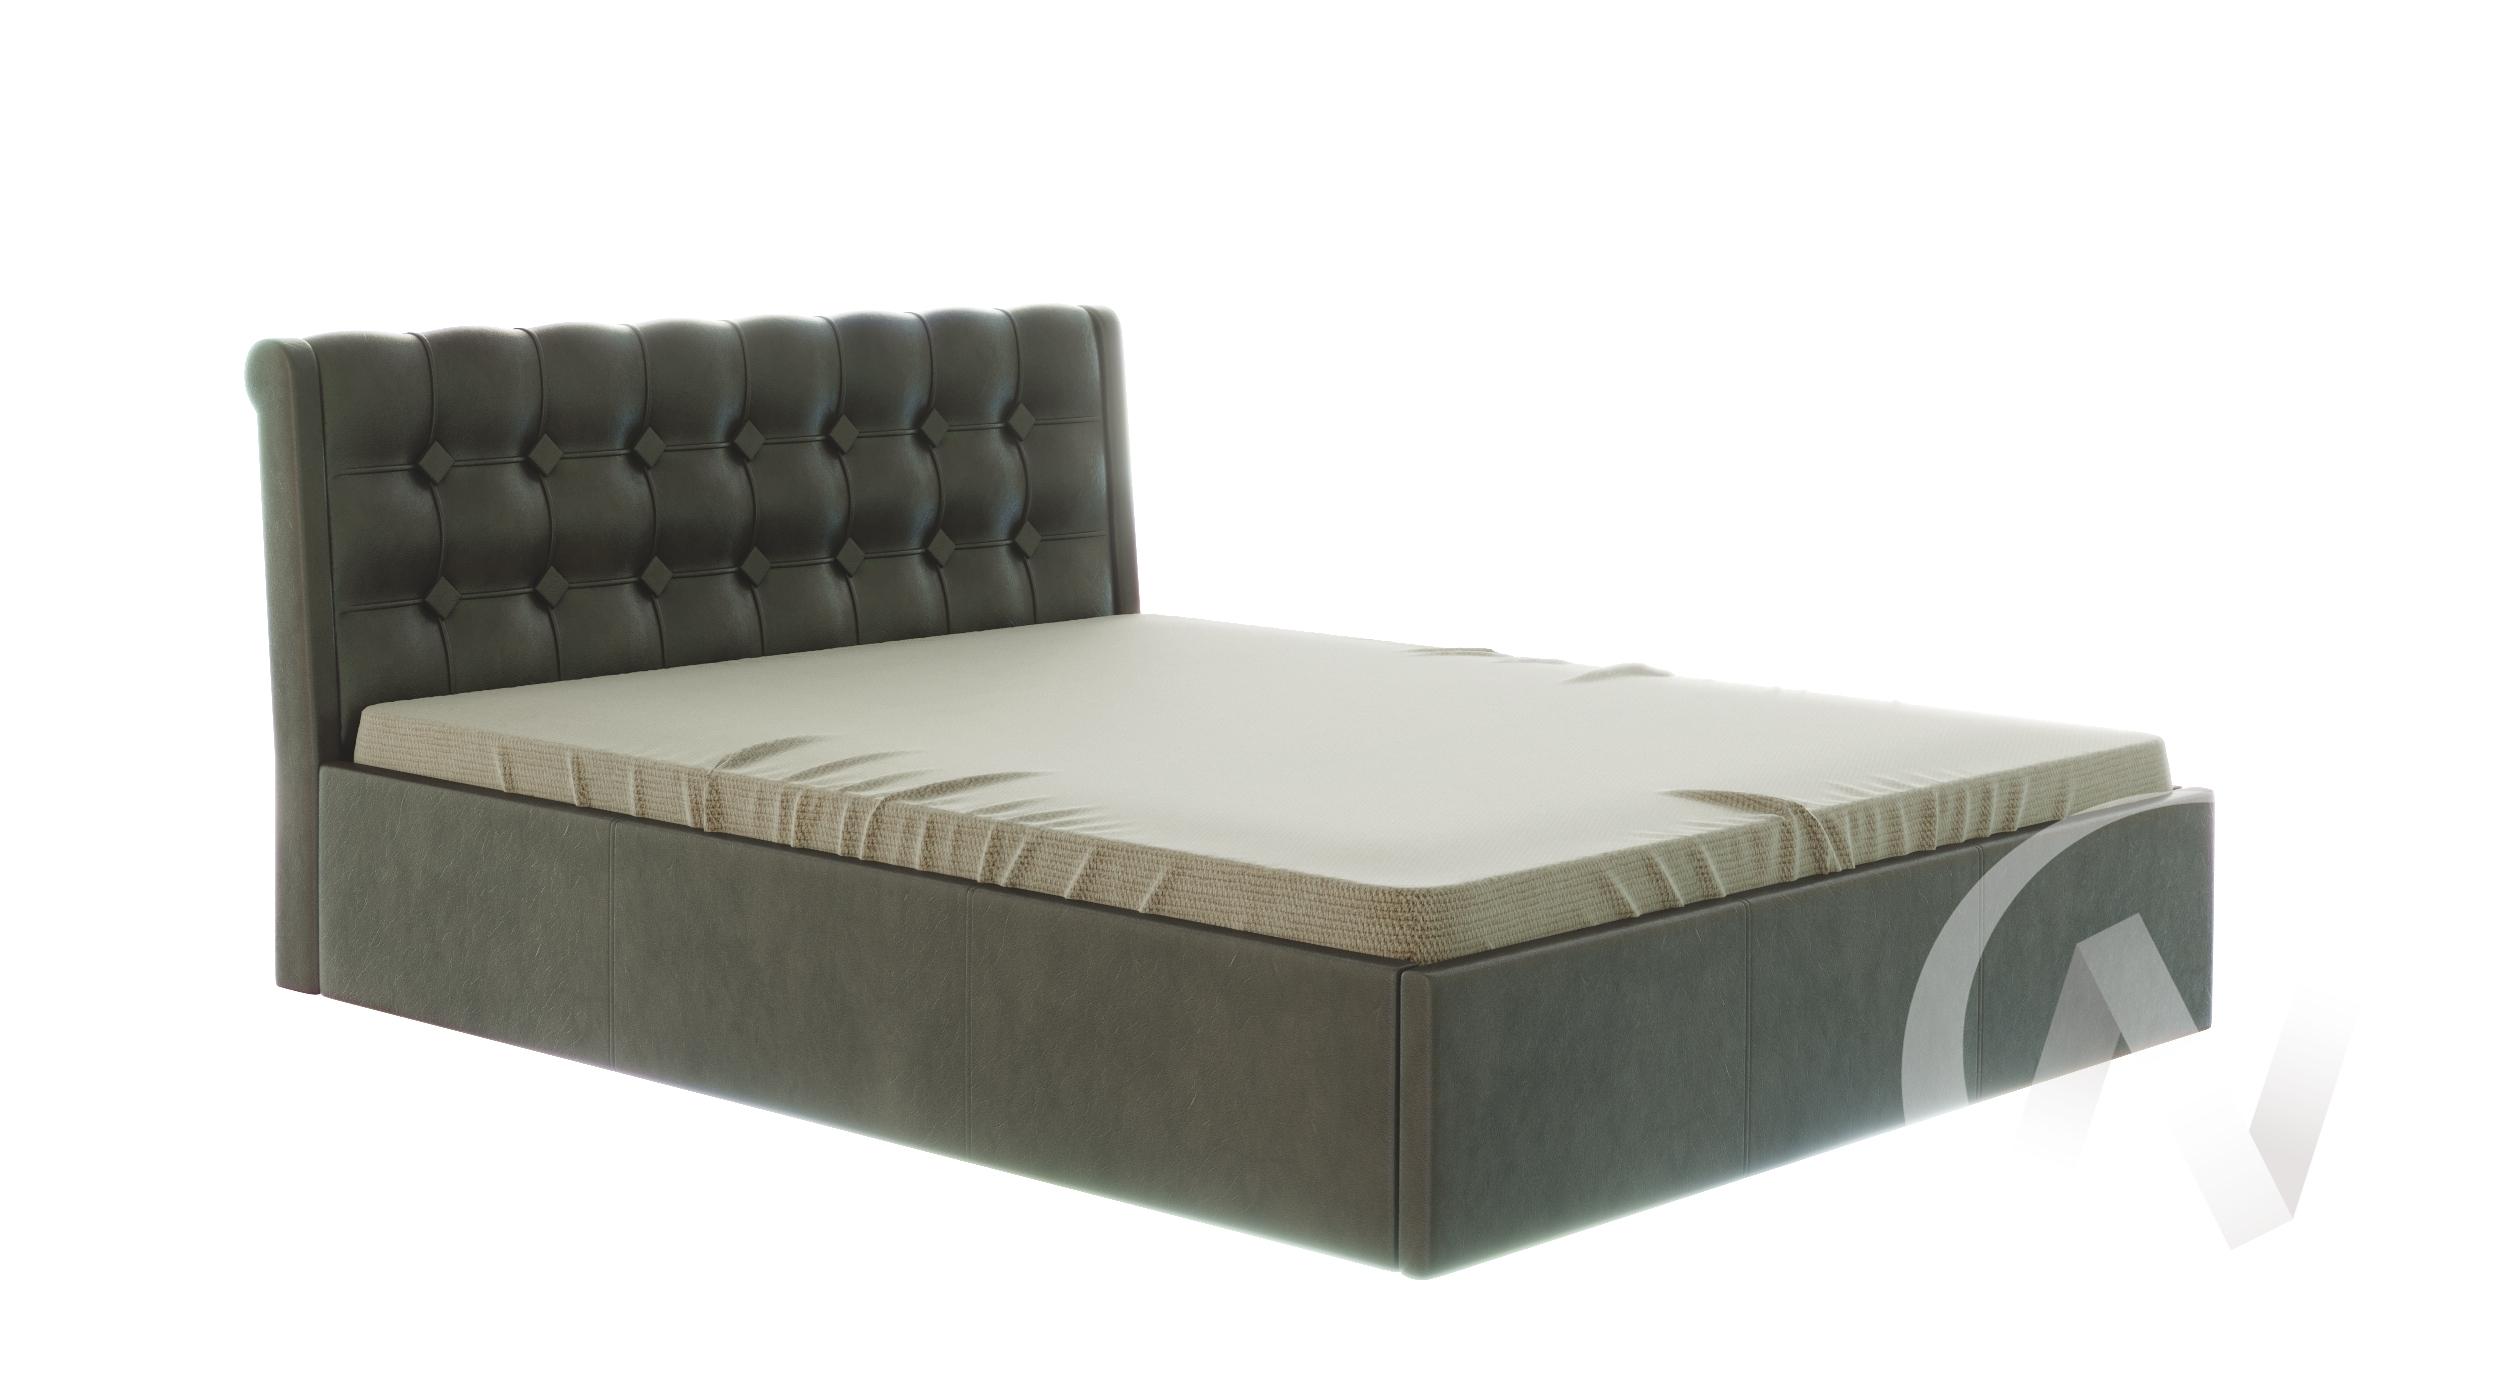 Кровать Лагуна 1,6 с подъемным механизмом (коричневый)  в Томске — интернет магазин МИРА-мебель